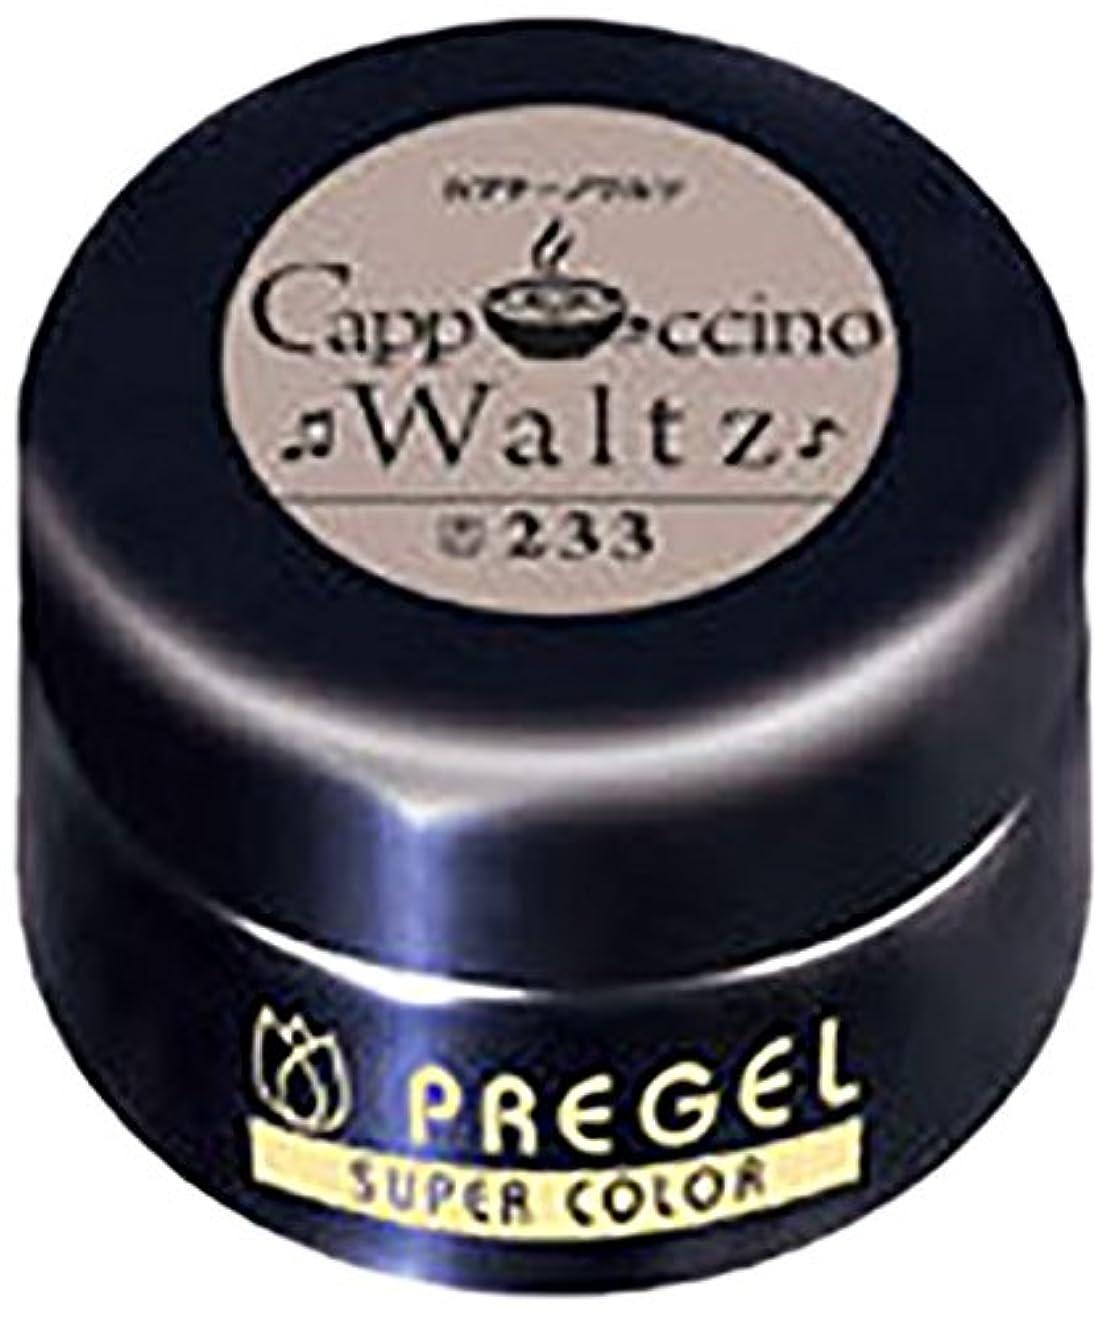 プリジェル スーパーカラーEX カプチーノワルツ 4g PG-SE233